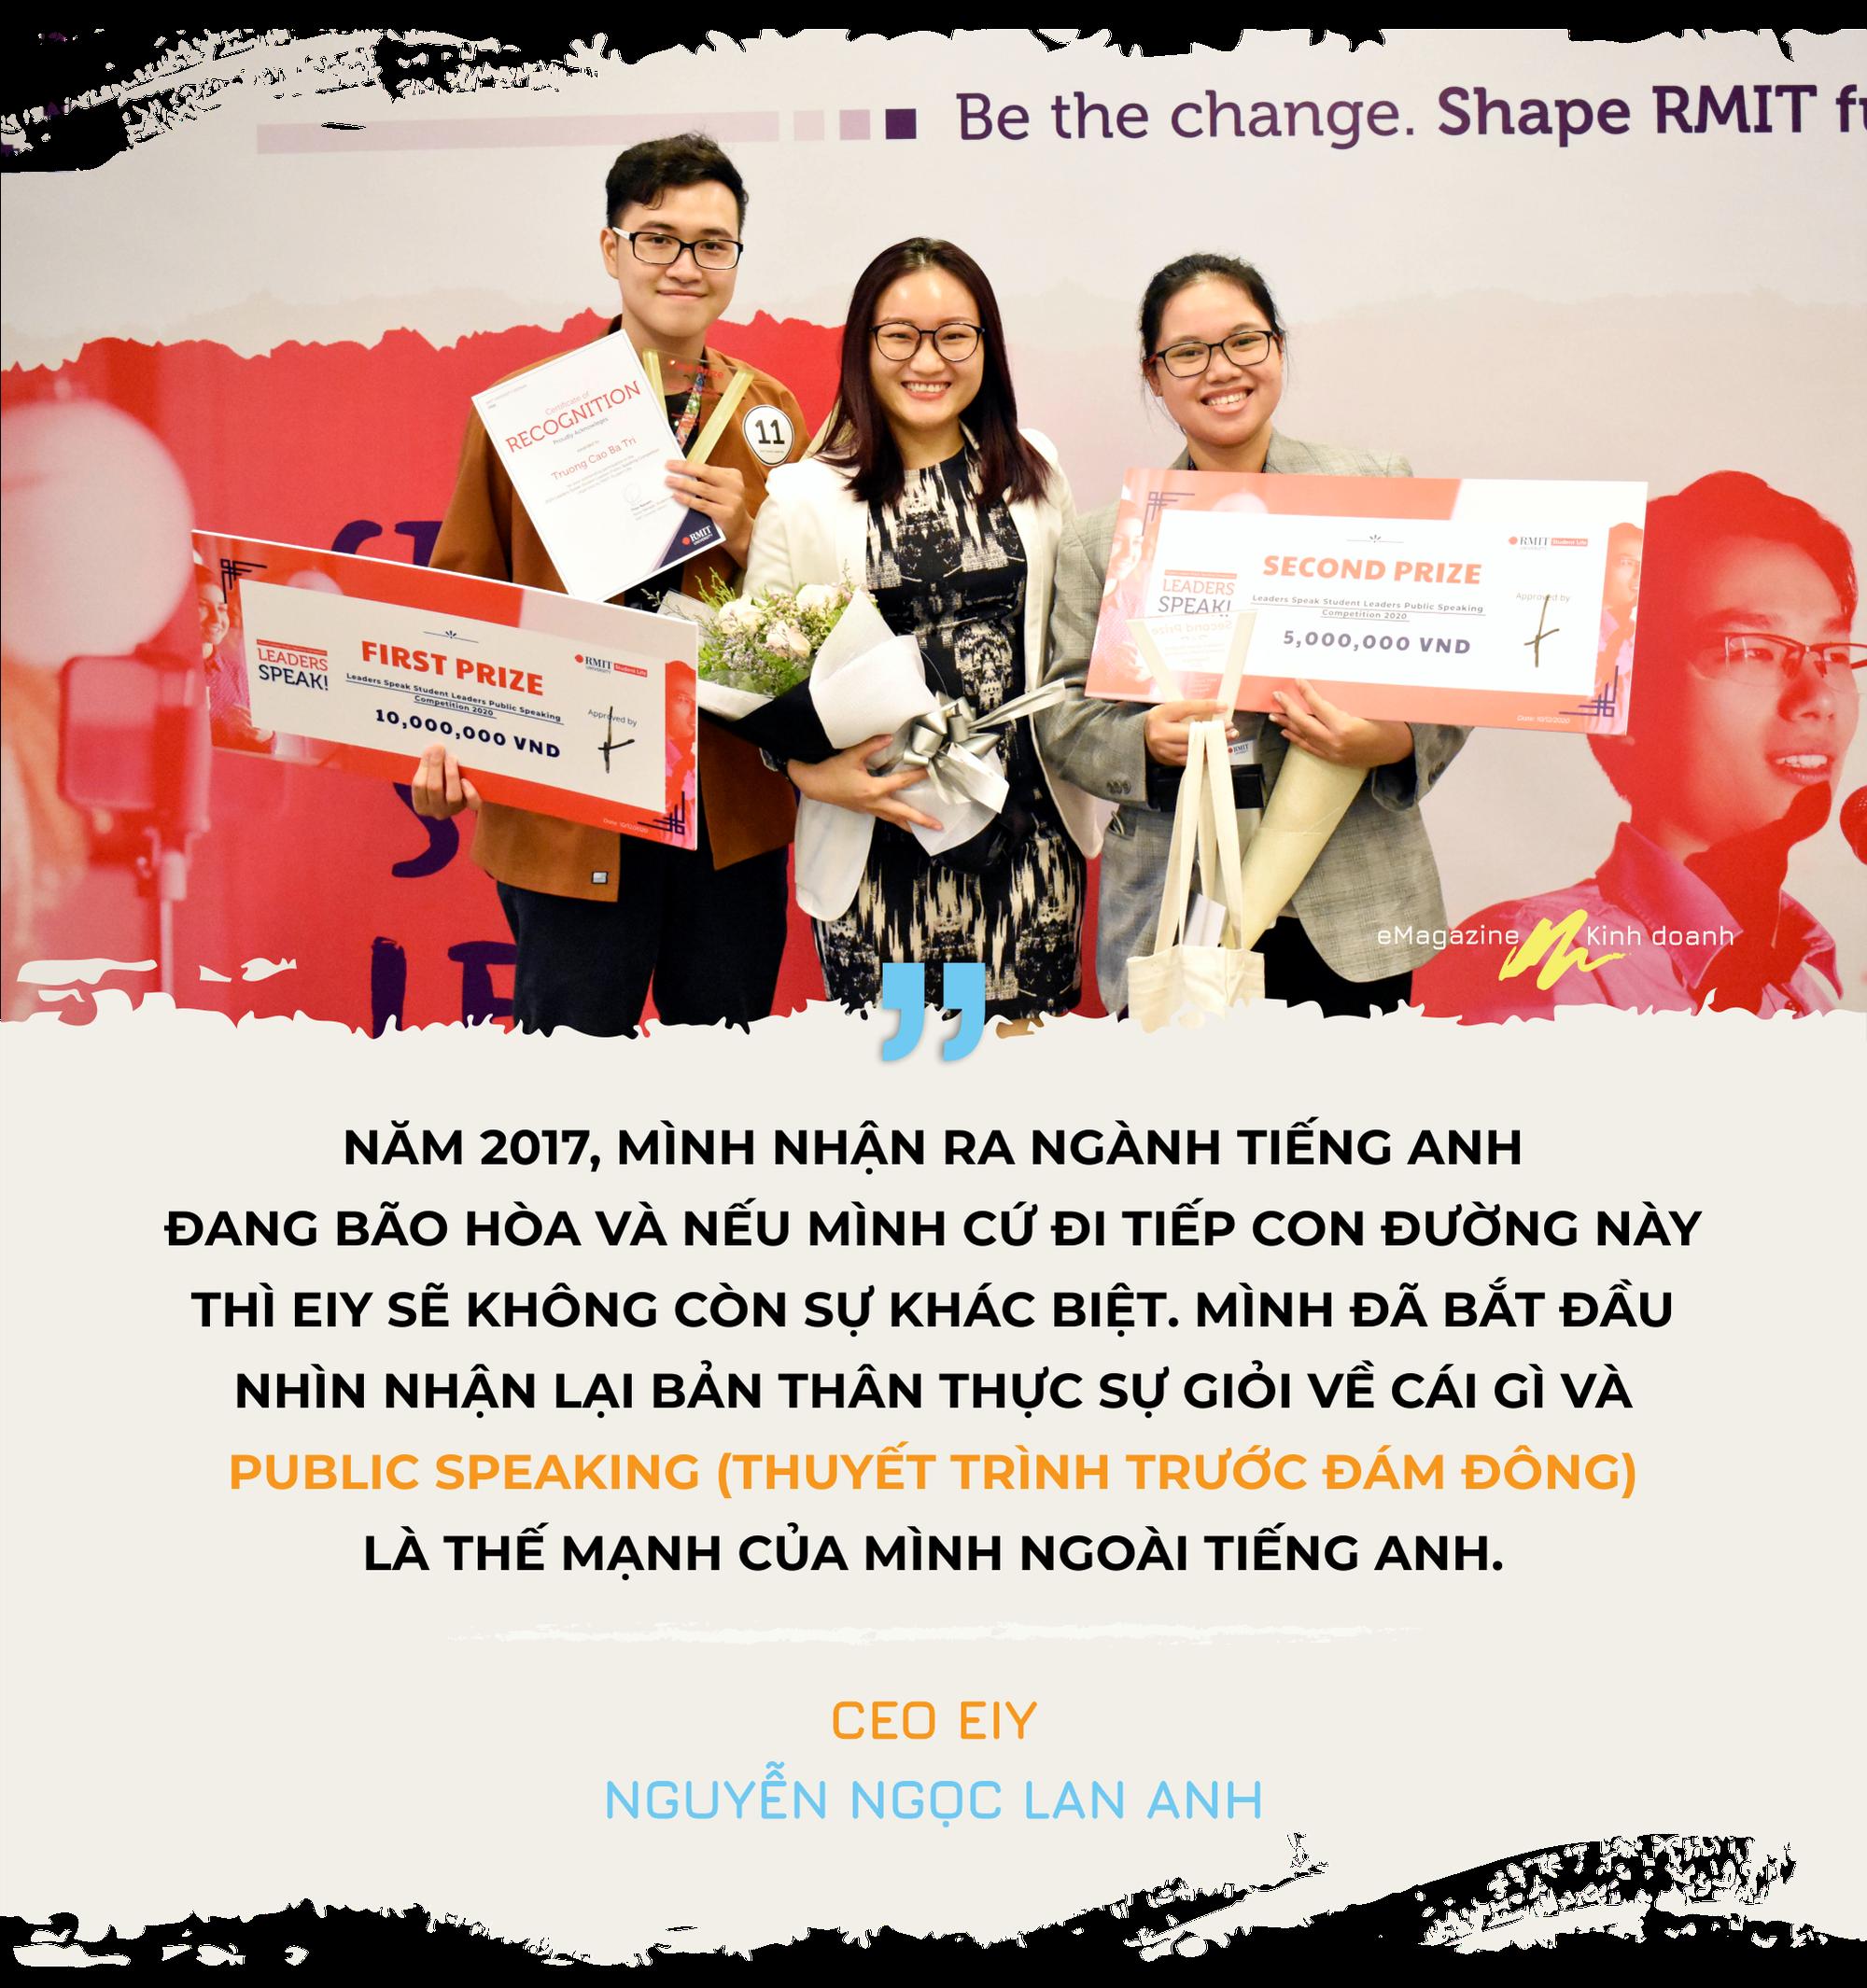 CEO EIY Nguyễn Ngọc Lan Anh và hành trình khởi nghiệp giúp người khác bung tỏa sự tự tin  - Ảnh 5.